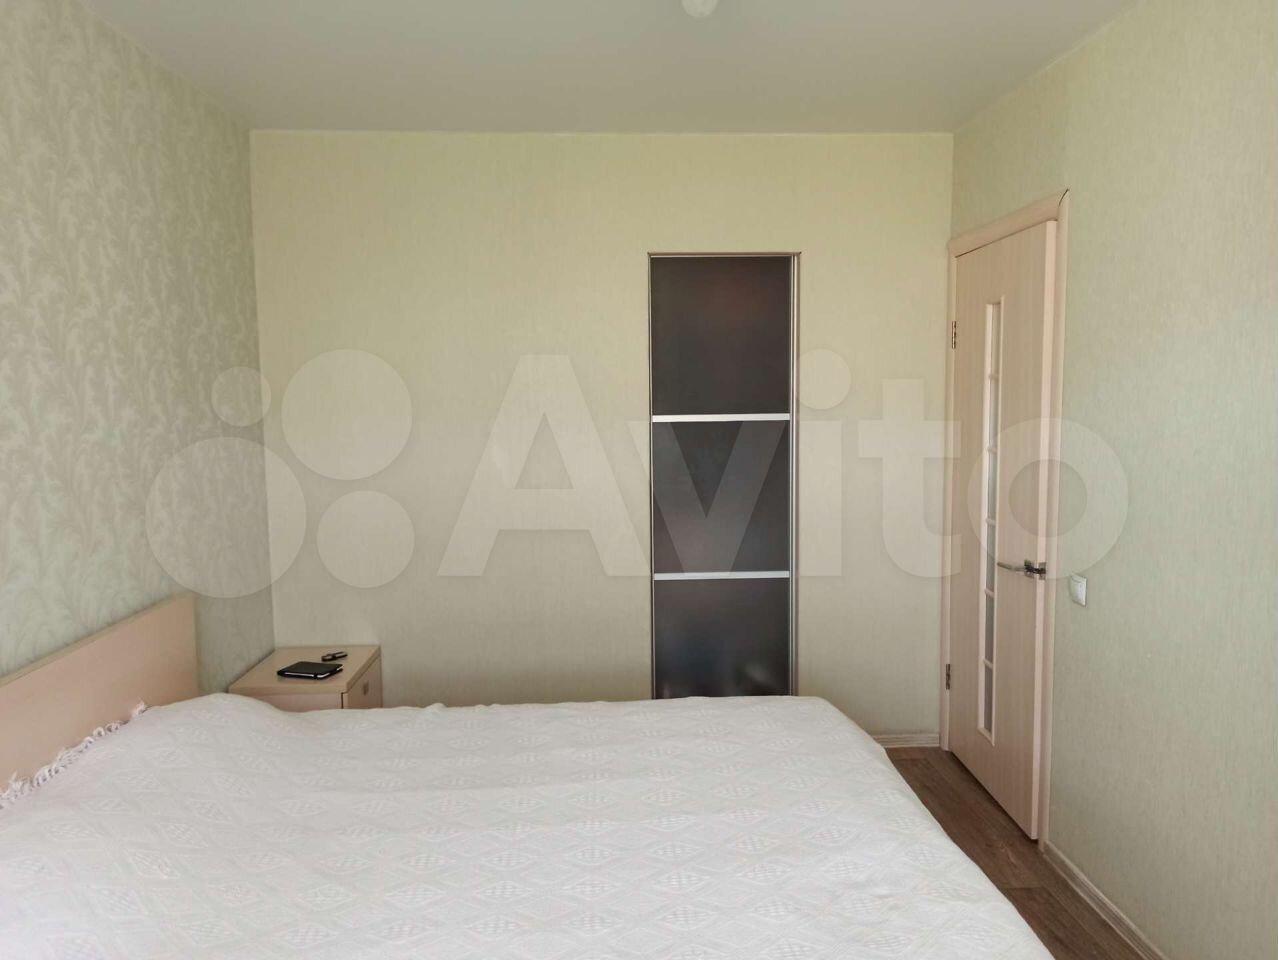 2-к квартира, 42.8 м², 4/5 эт.  89095007388 купить 5